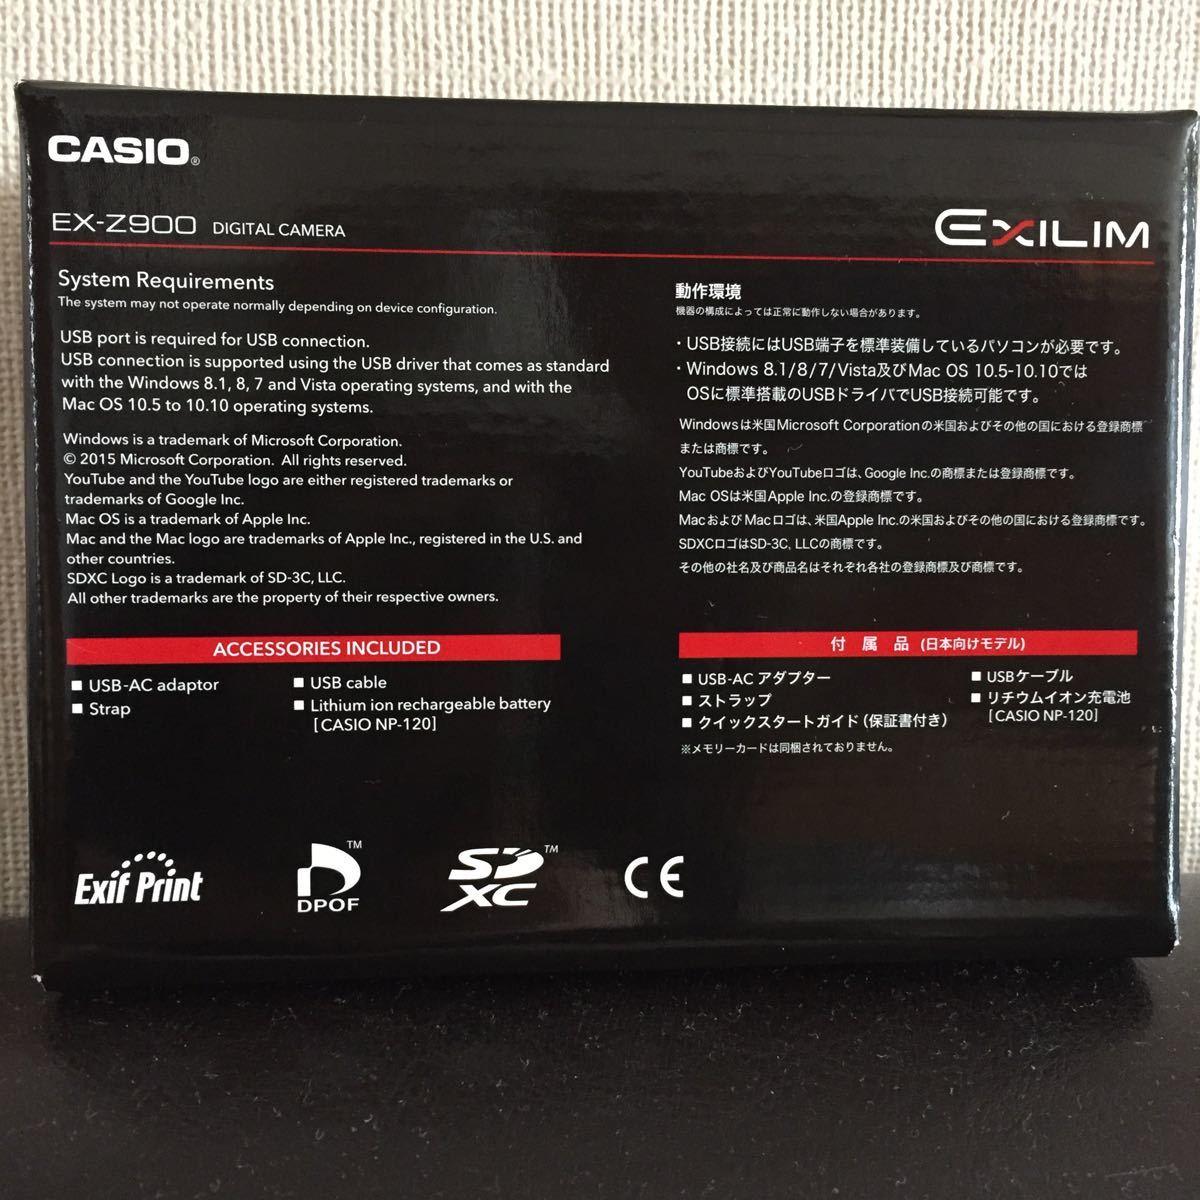 新品 CASIO EX-Z900 EXILIM カシオ デジタルカメラ コンパクト_画像2